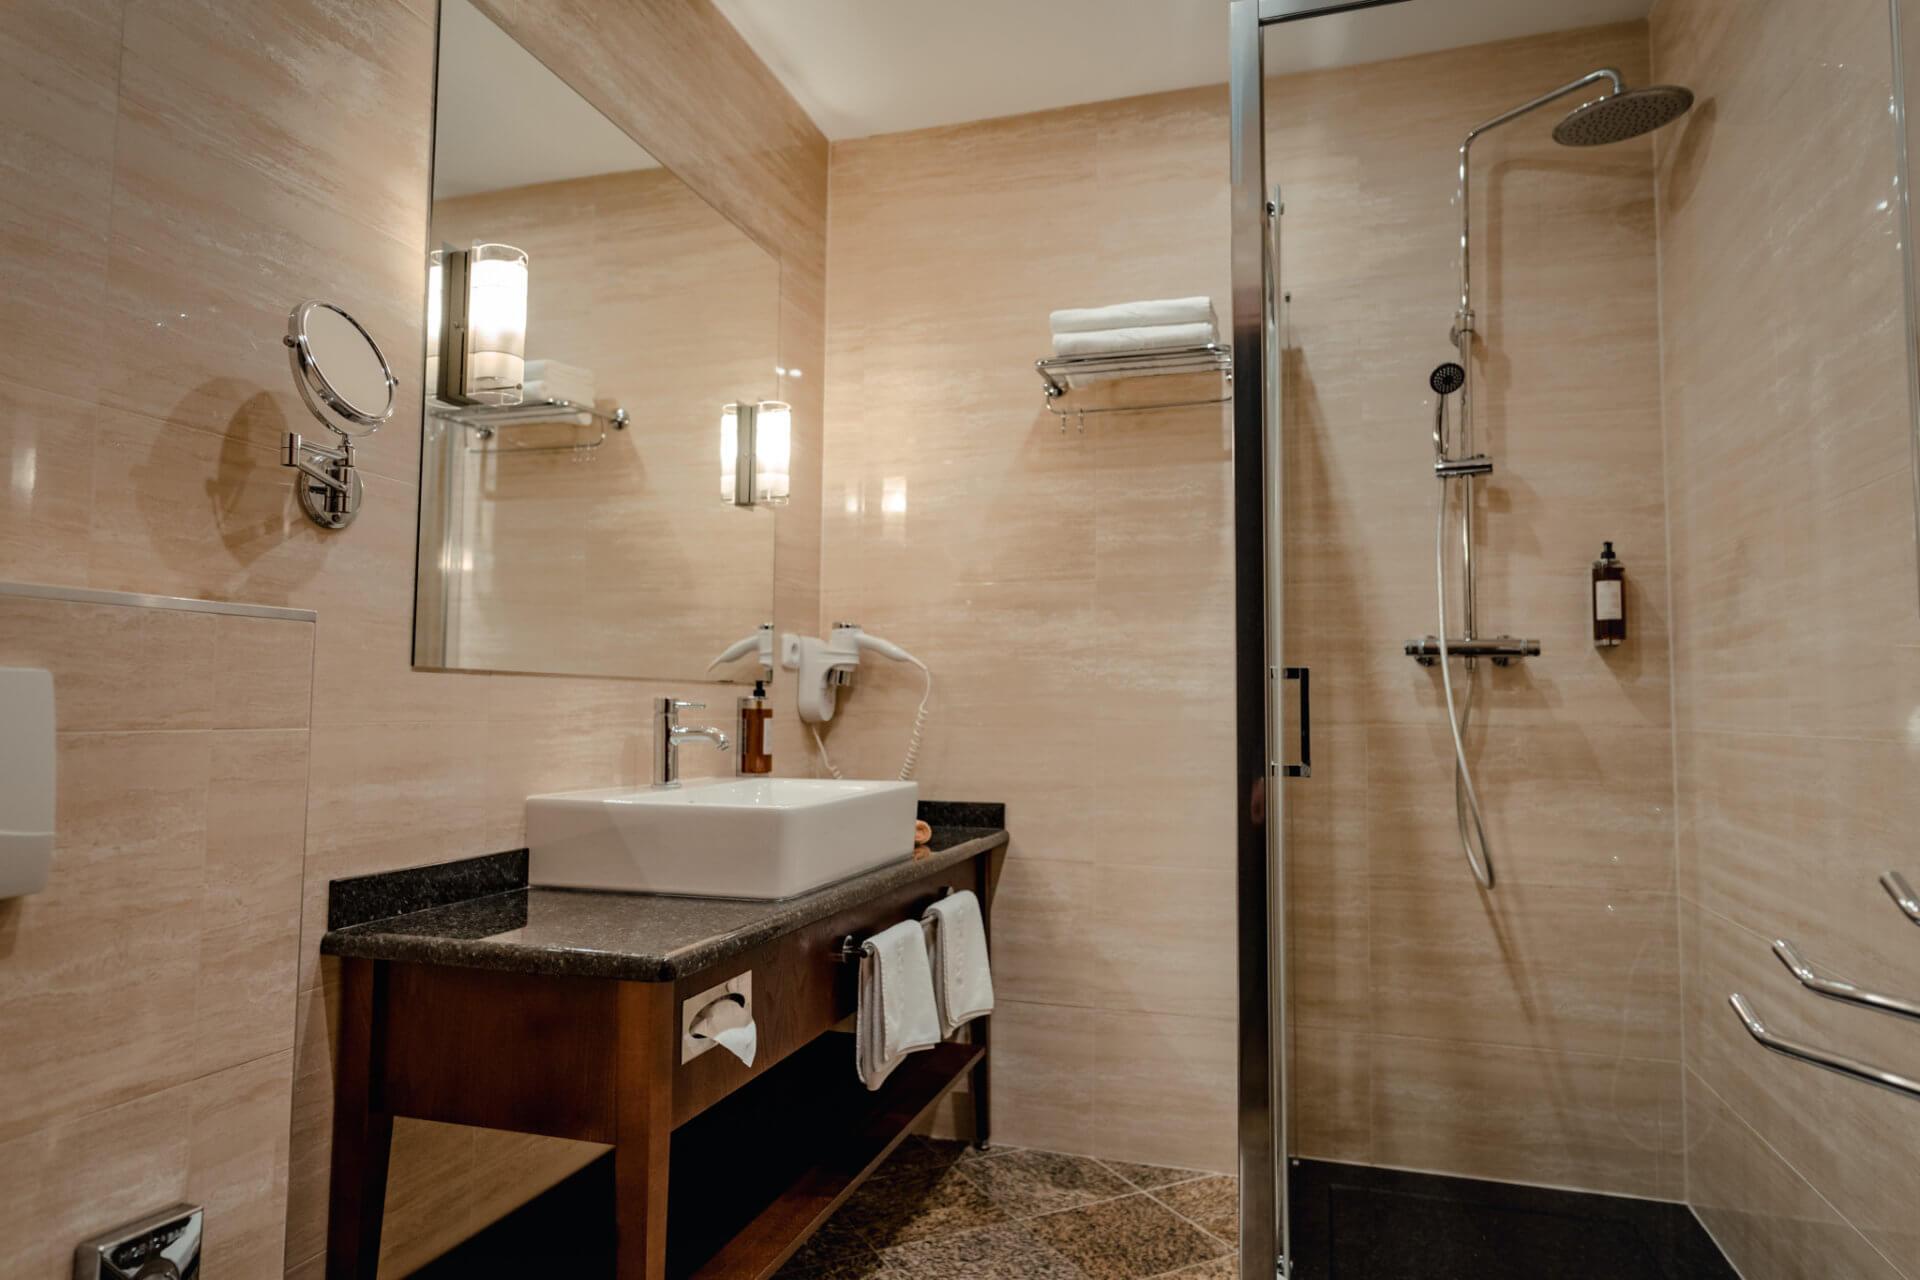 Suita (apartmán) v resorte Kaskady - kúpeľňa